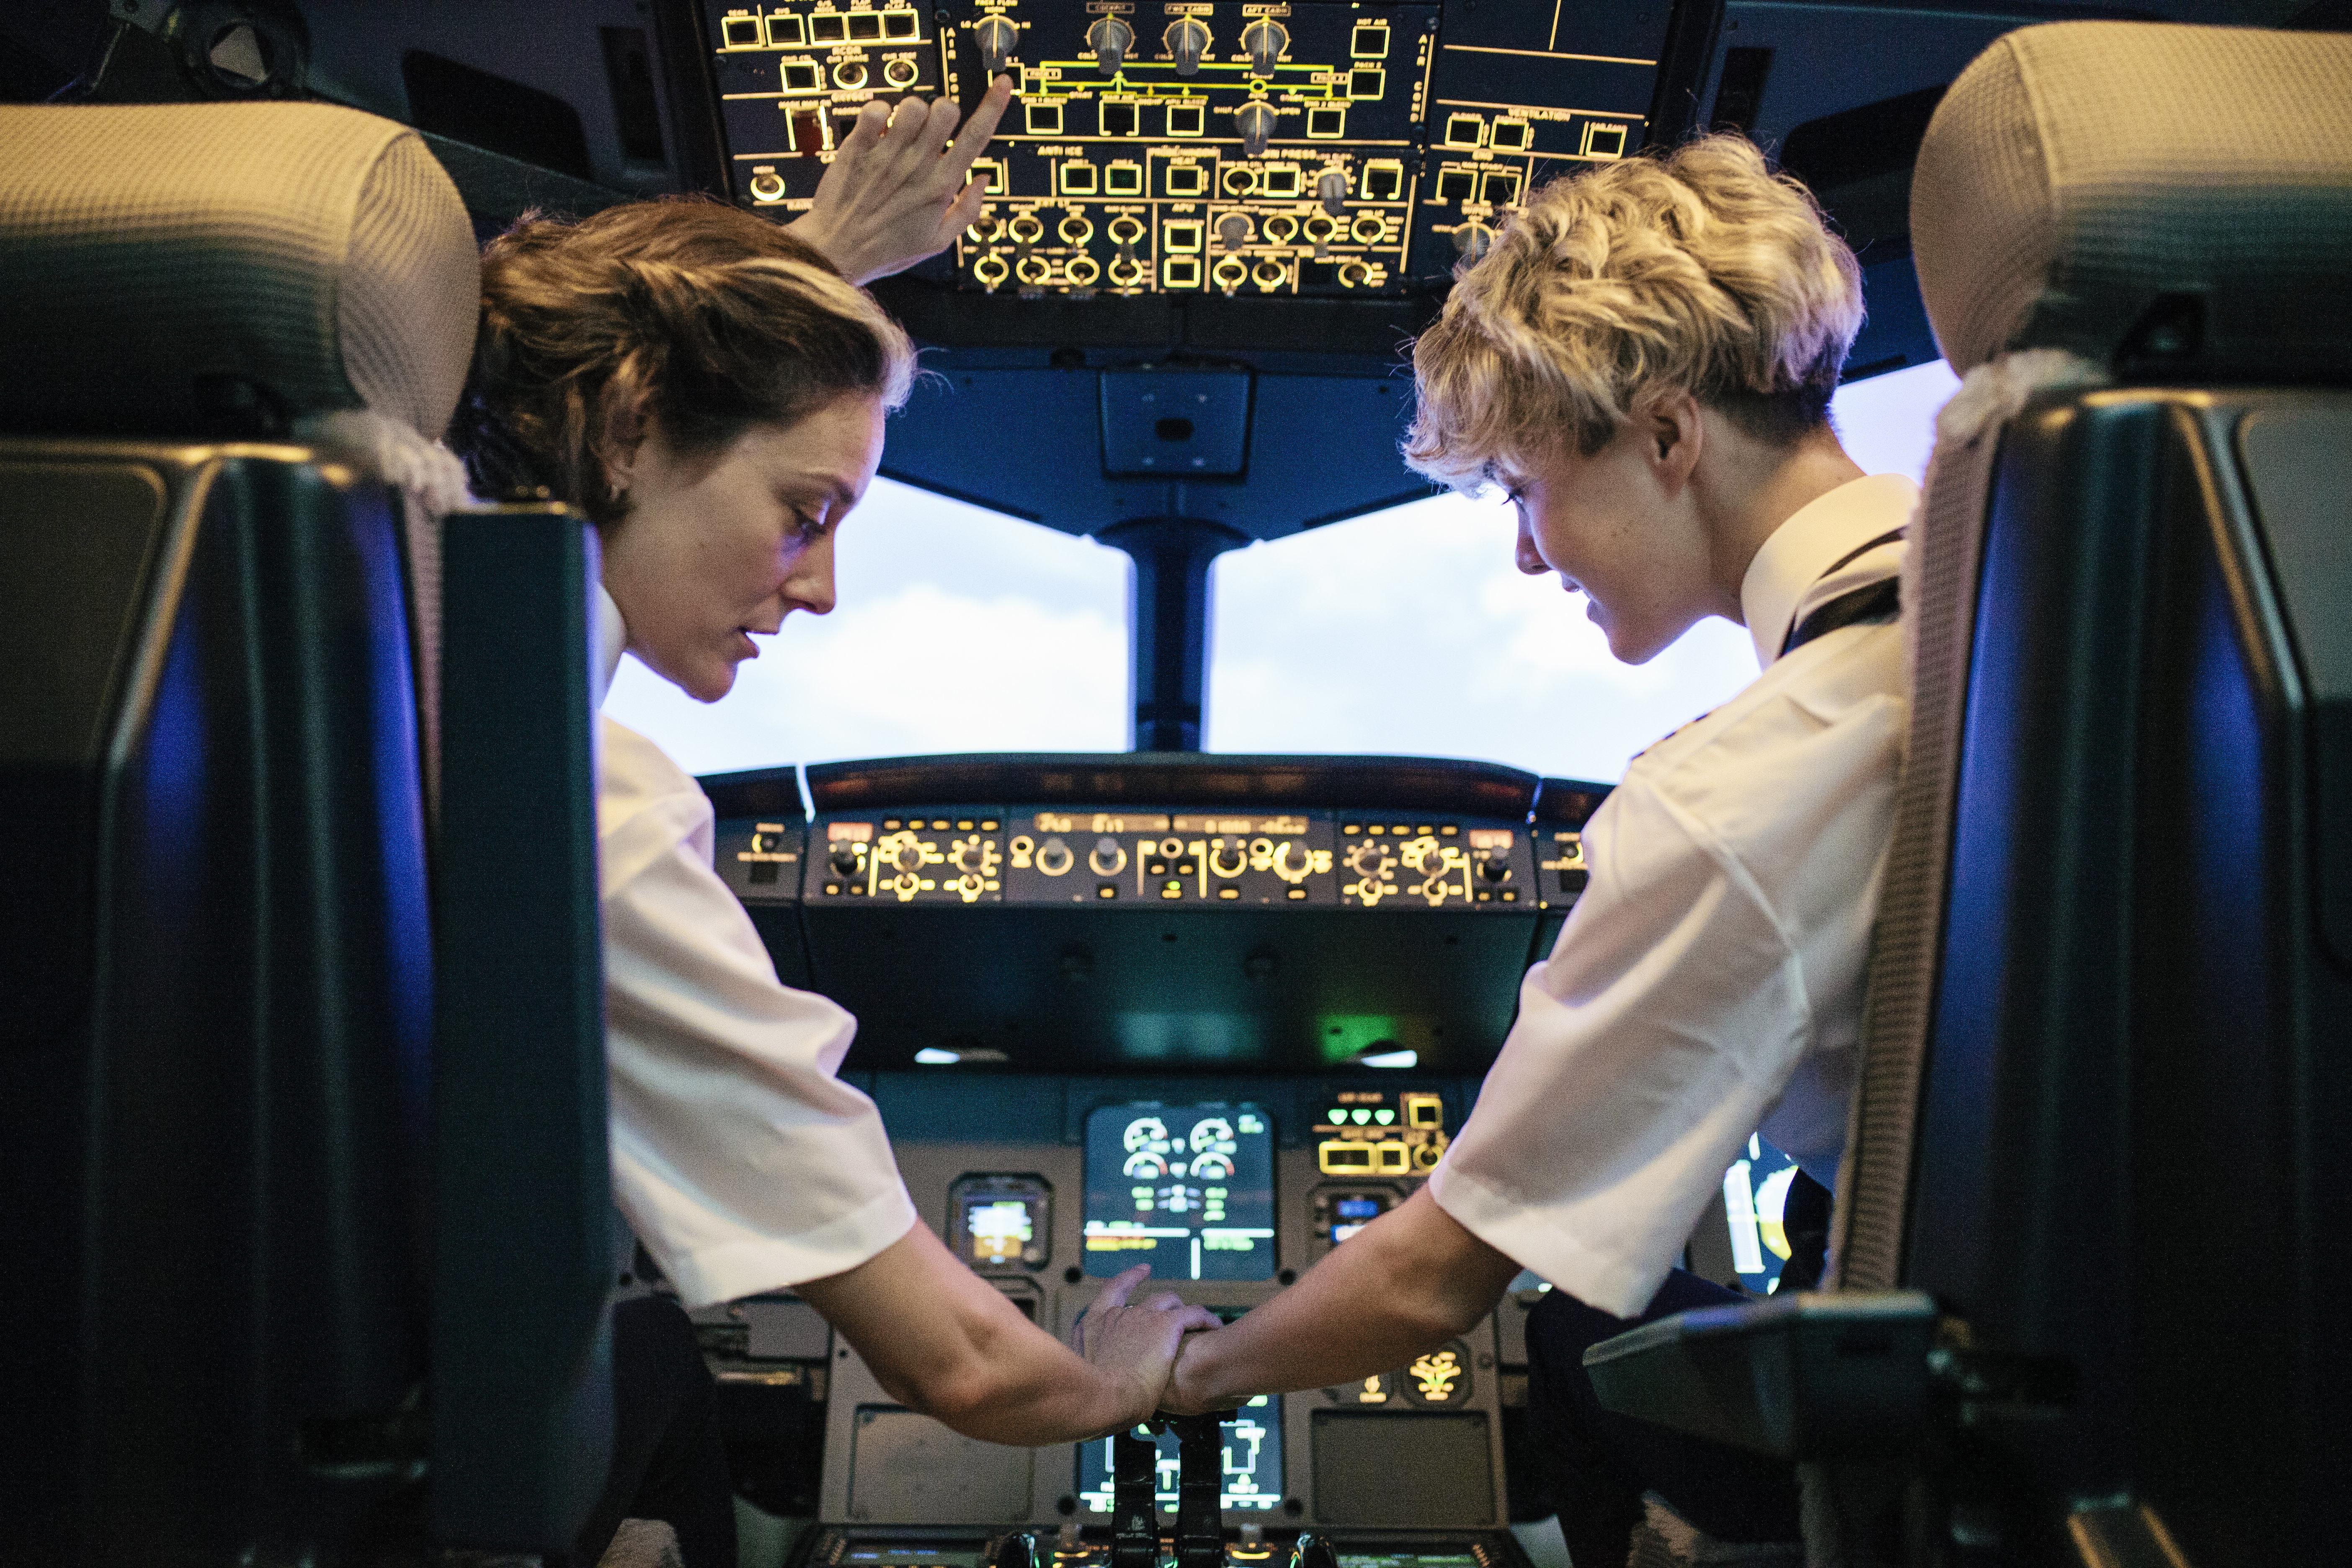 Γιατί ο πιλότος μιας πτήσης δεν τρώει το ίδιο φαγητό με τον συγκυβερνήτη (ή με τους